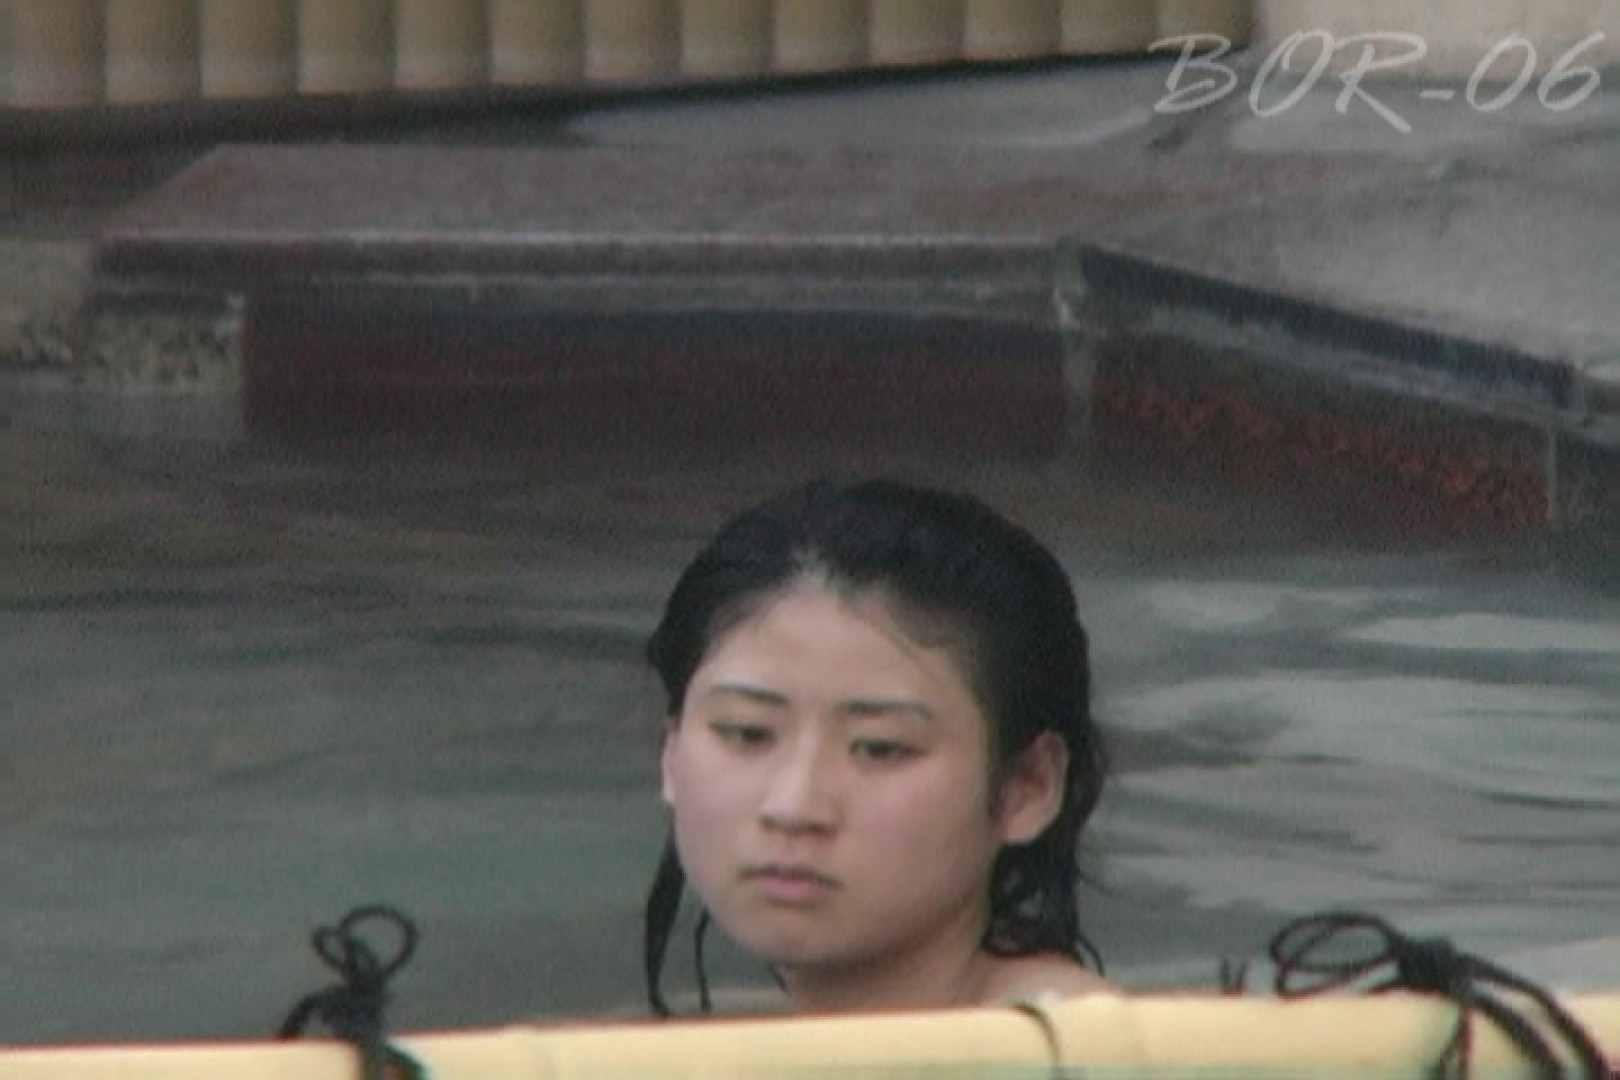 Aquaな露天風呂Vol.520 露天 | 盗撮  79枚 4